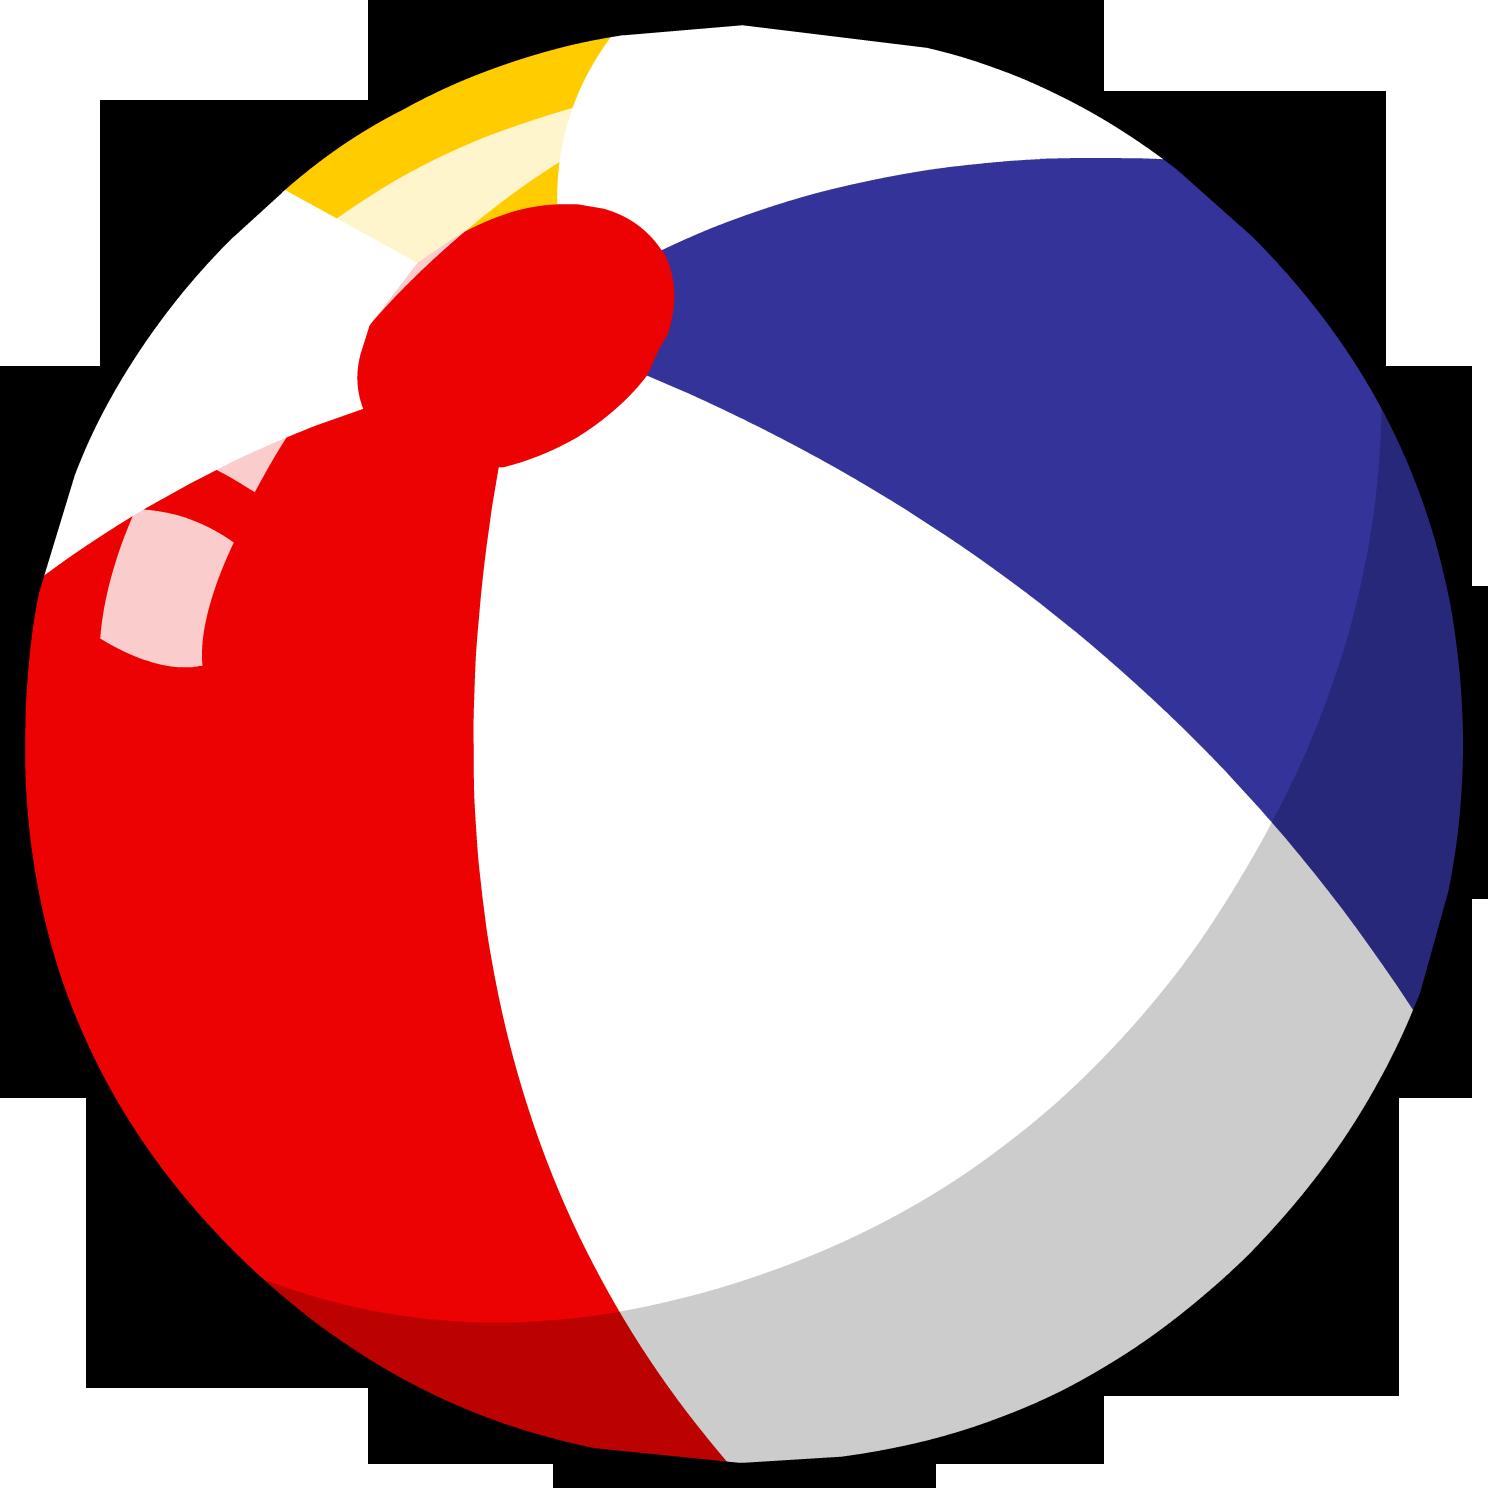 Beach Ball Club Penguin Wiki Fandom Powered By Wikia